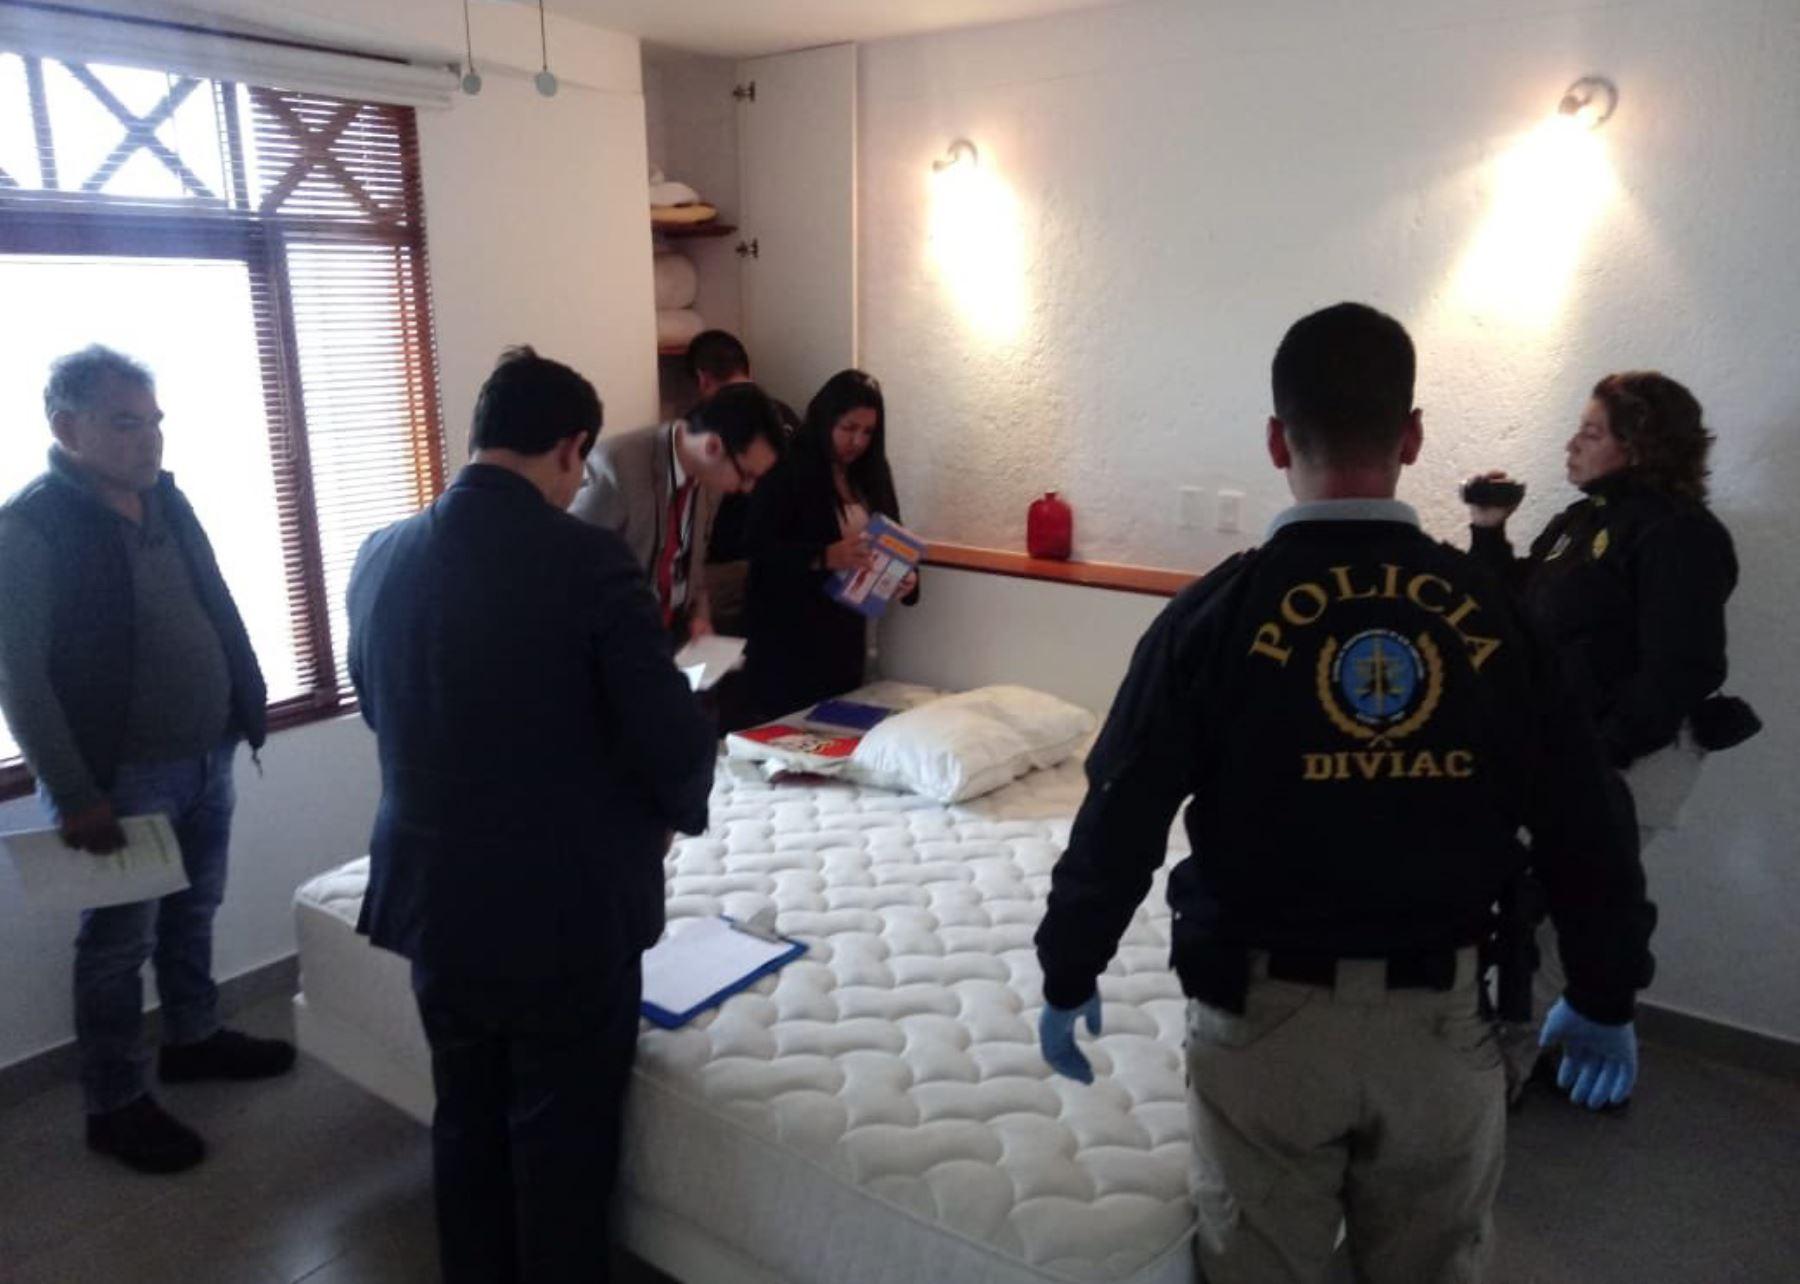 Fiscalía allana casa de Roxanne Chessman en playa los Cocos. Foto: IDL Reporteros.